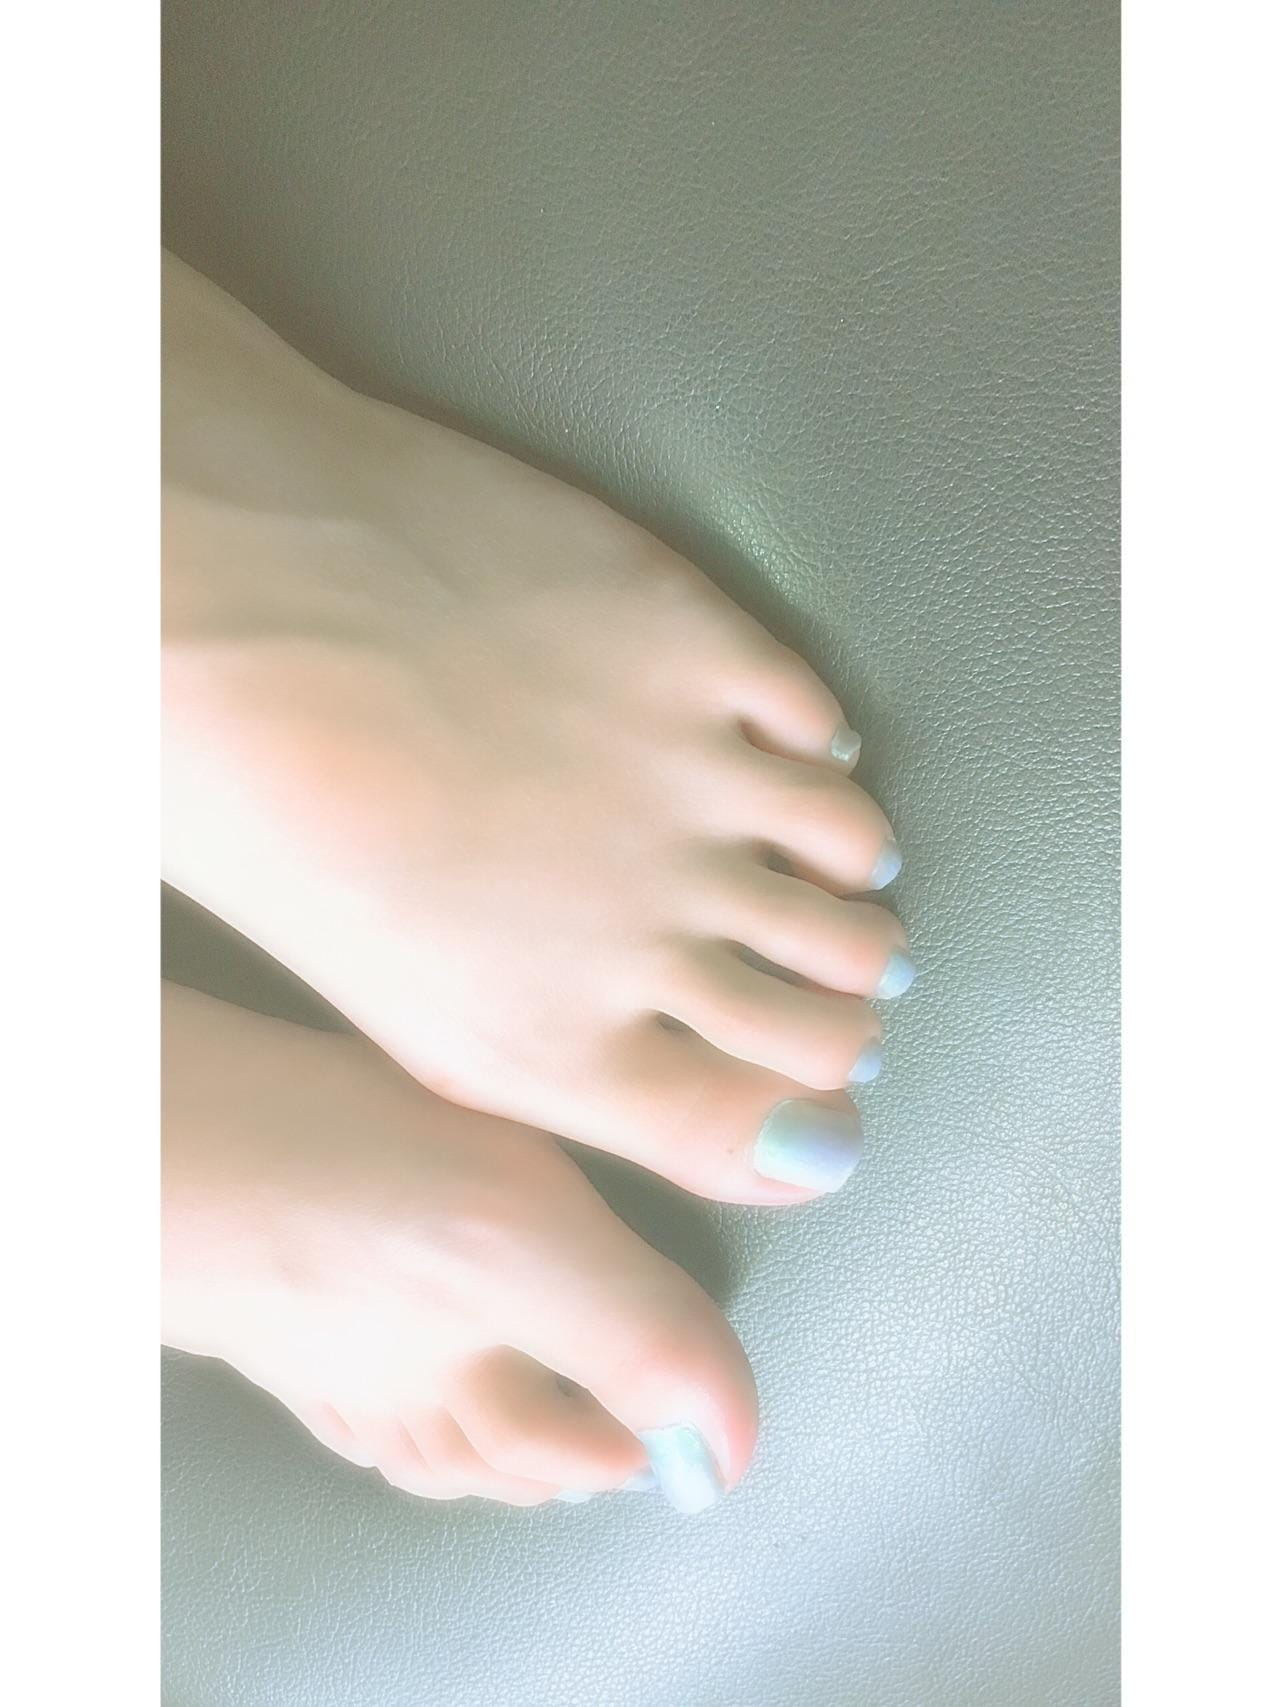 「夏っぽく」07/16(07/16) 22:36 | ましろの写メ・風俗動画